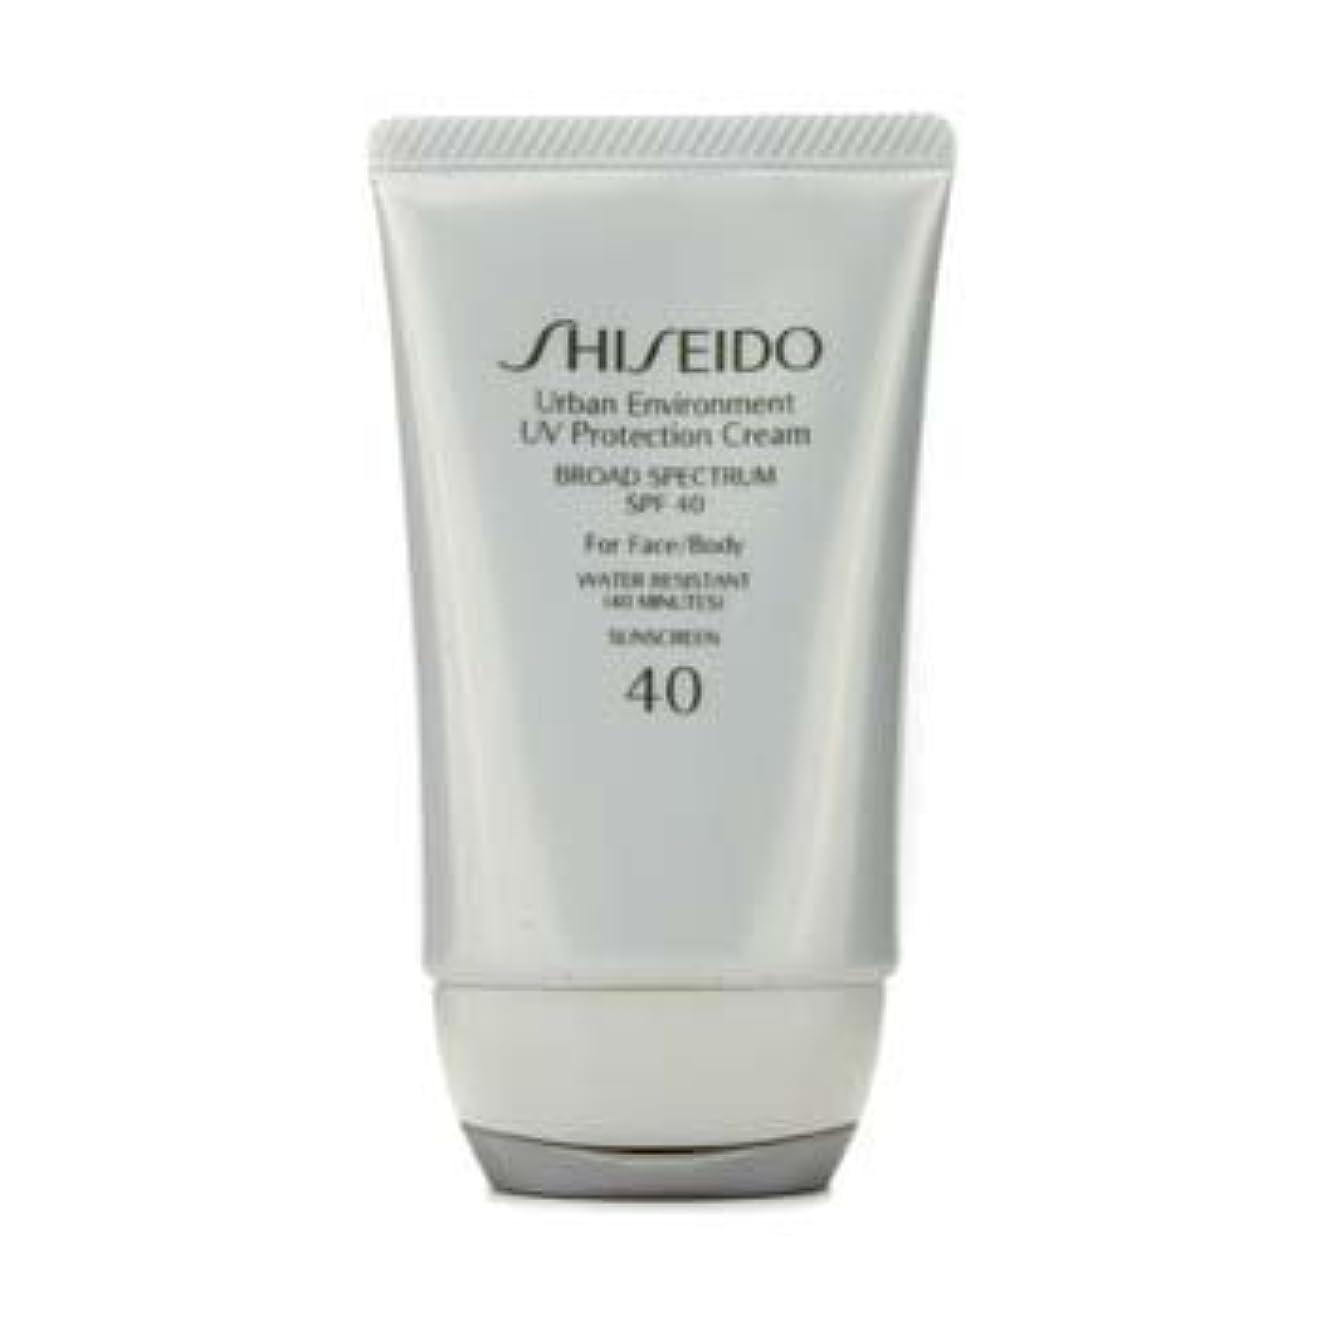 文言スタンド繊細Shiseido Urban Environment UV Protection Cream SPF 40 (For Face & Body) - 50ml/1.9oz by Shiseido [並行輸入品]